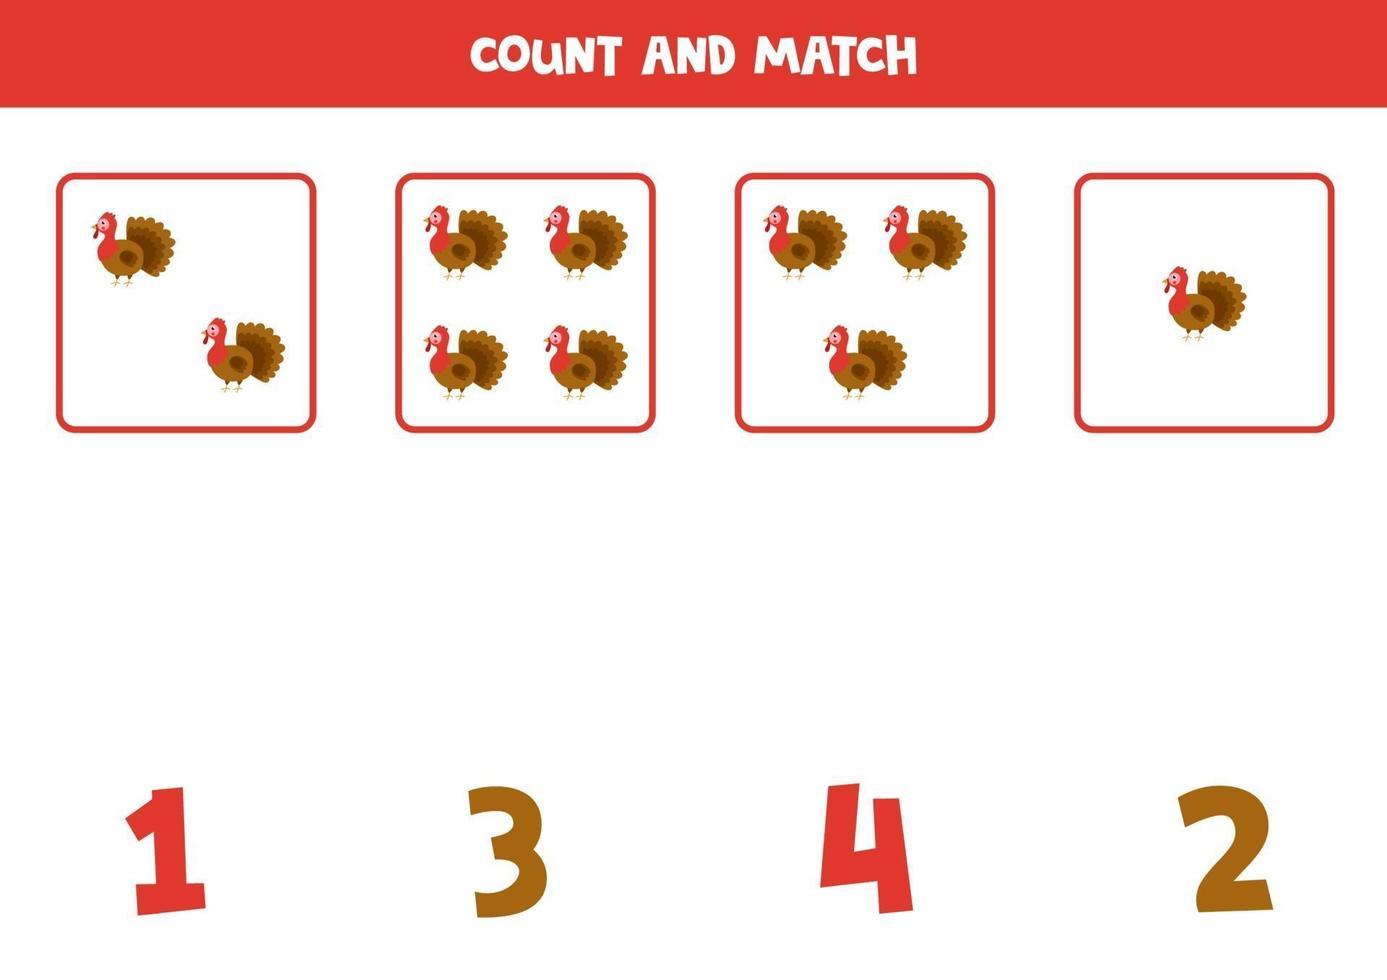 räkna spel med tecknade kalkoner. matematik kalkylblad. vektor